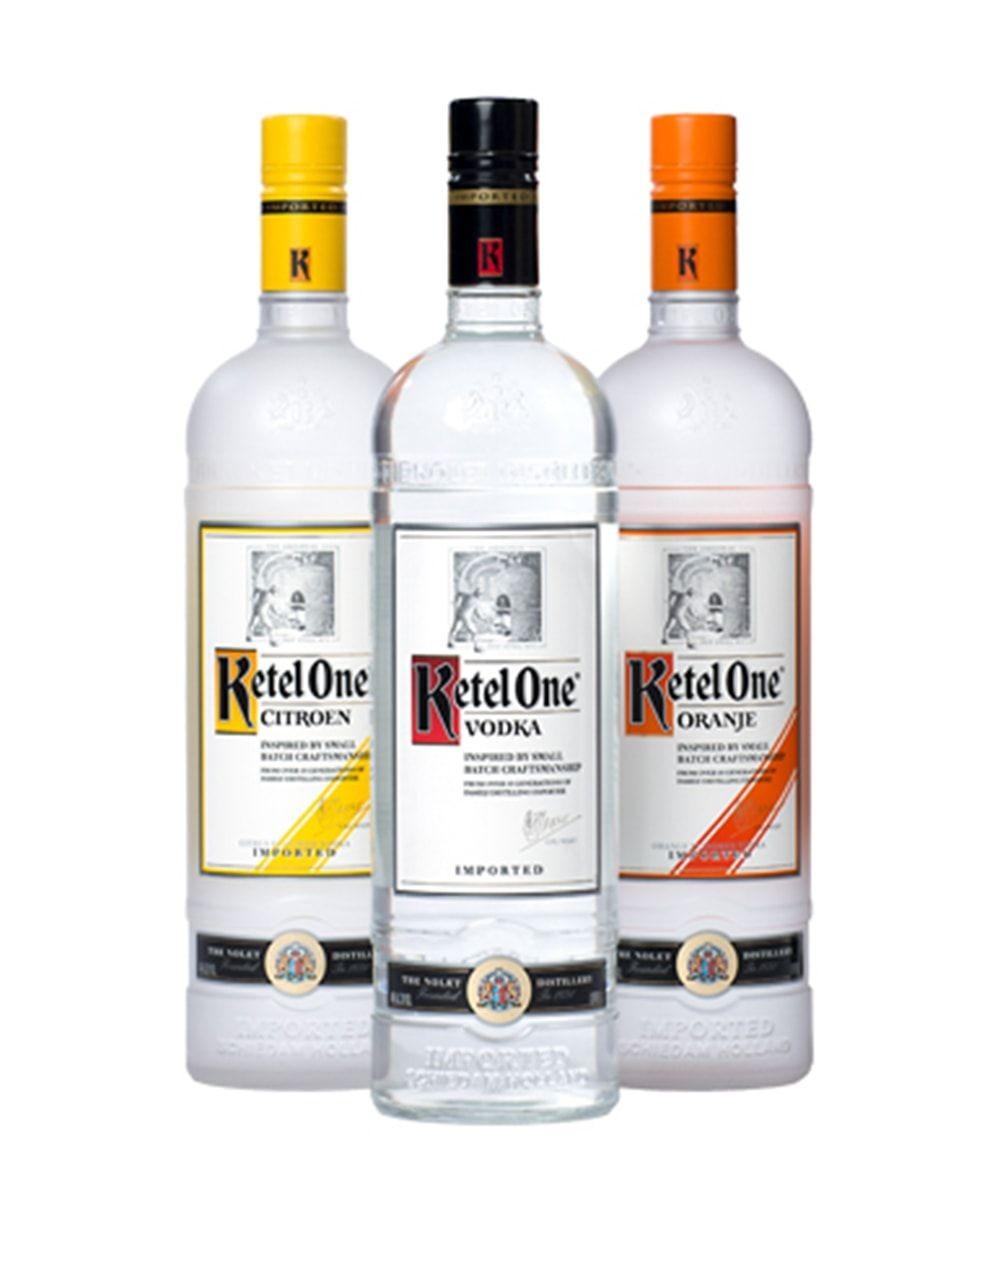 ketel one vodka collection 3 bottles buy online or send as a gift reservebar. Black Bedroom Furniture Sets. Home Design Ideas